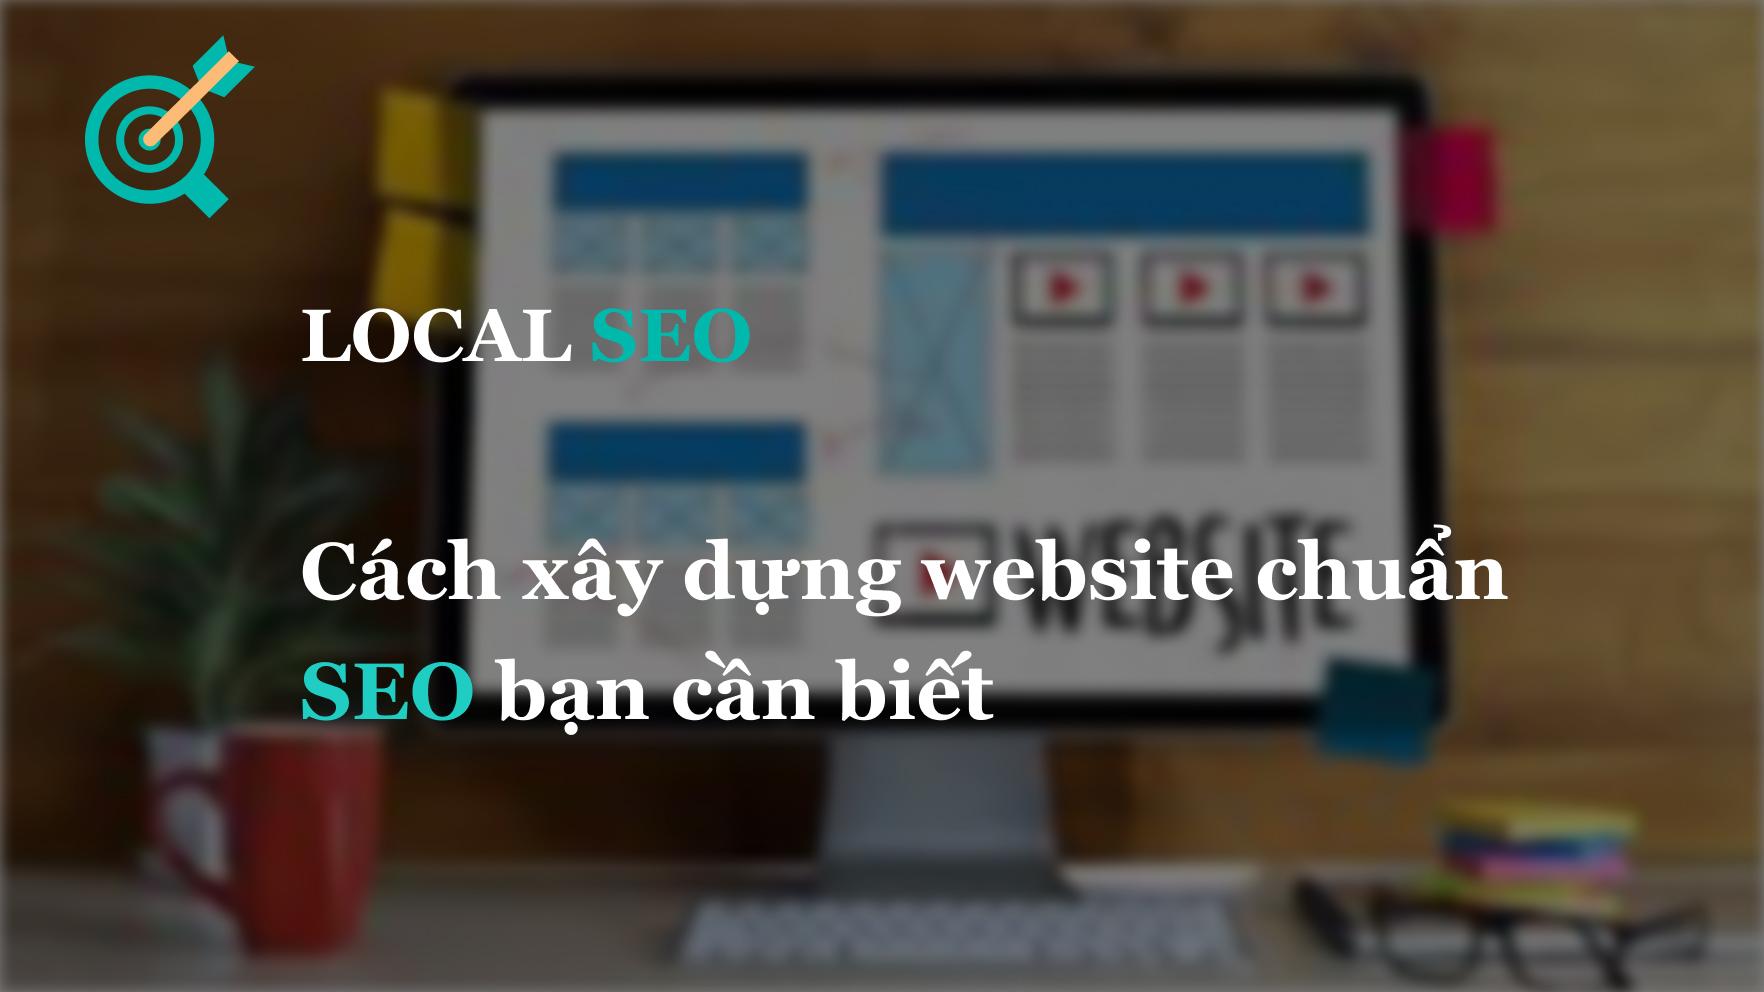 Cách xây dựng website chuẩn SEO bạn cần biết